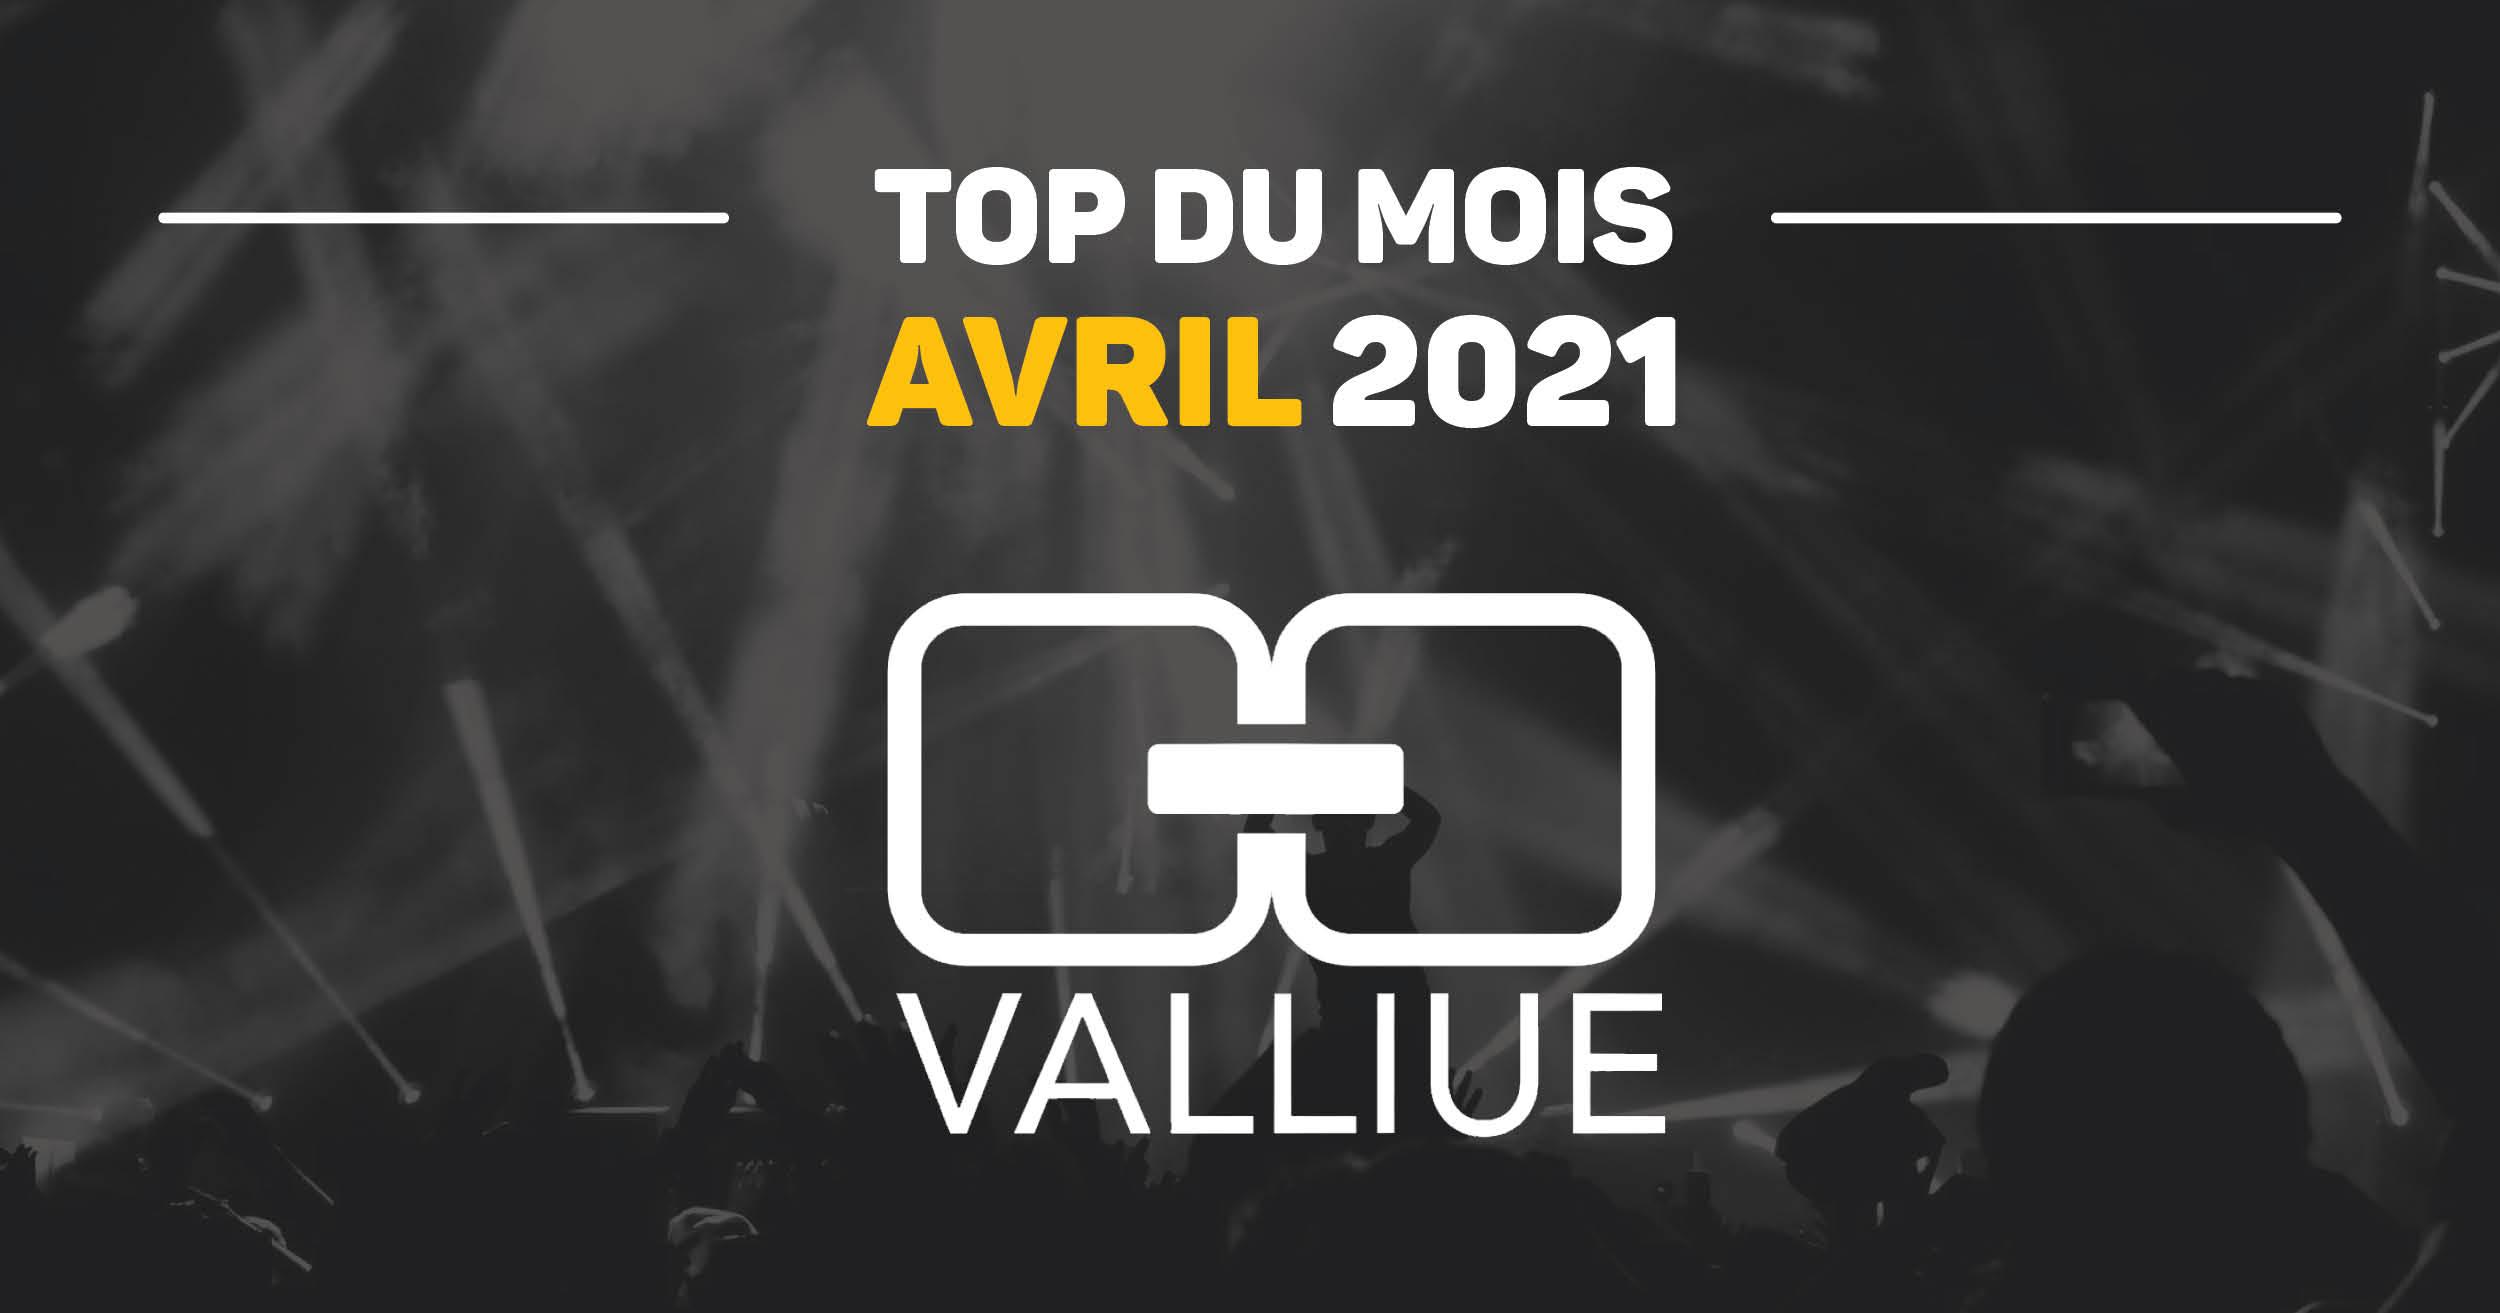 top-du-mois-valliue_avril21_facebook